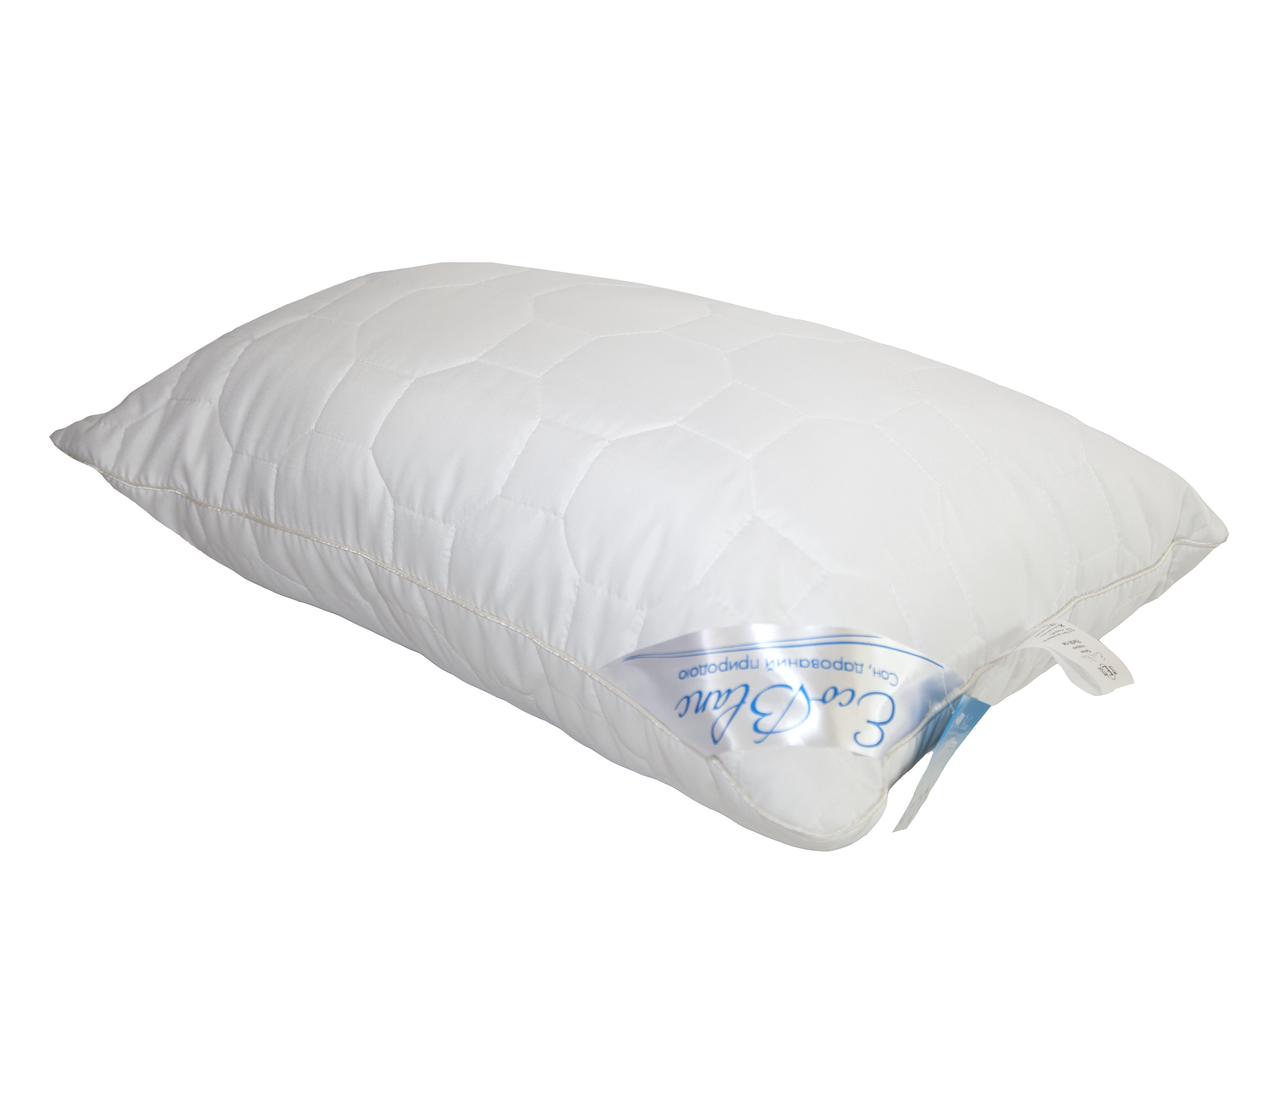 Подушка Restline EcoBlanc QA deluxe 70х50